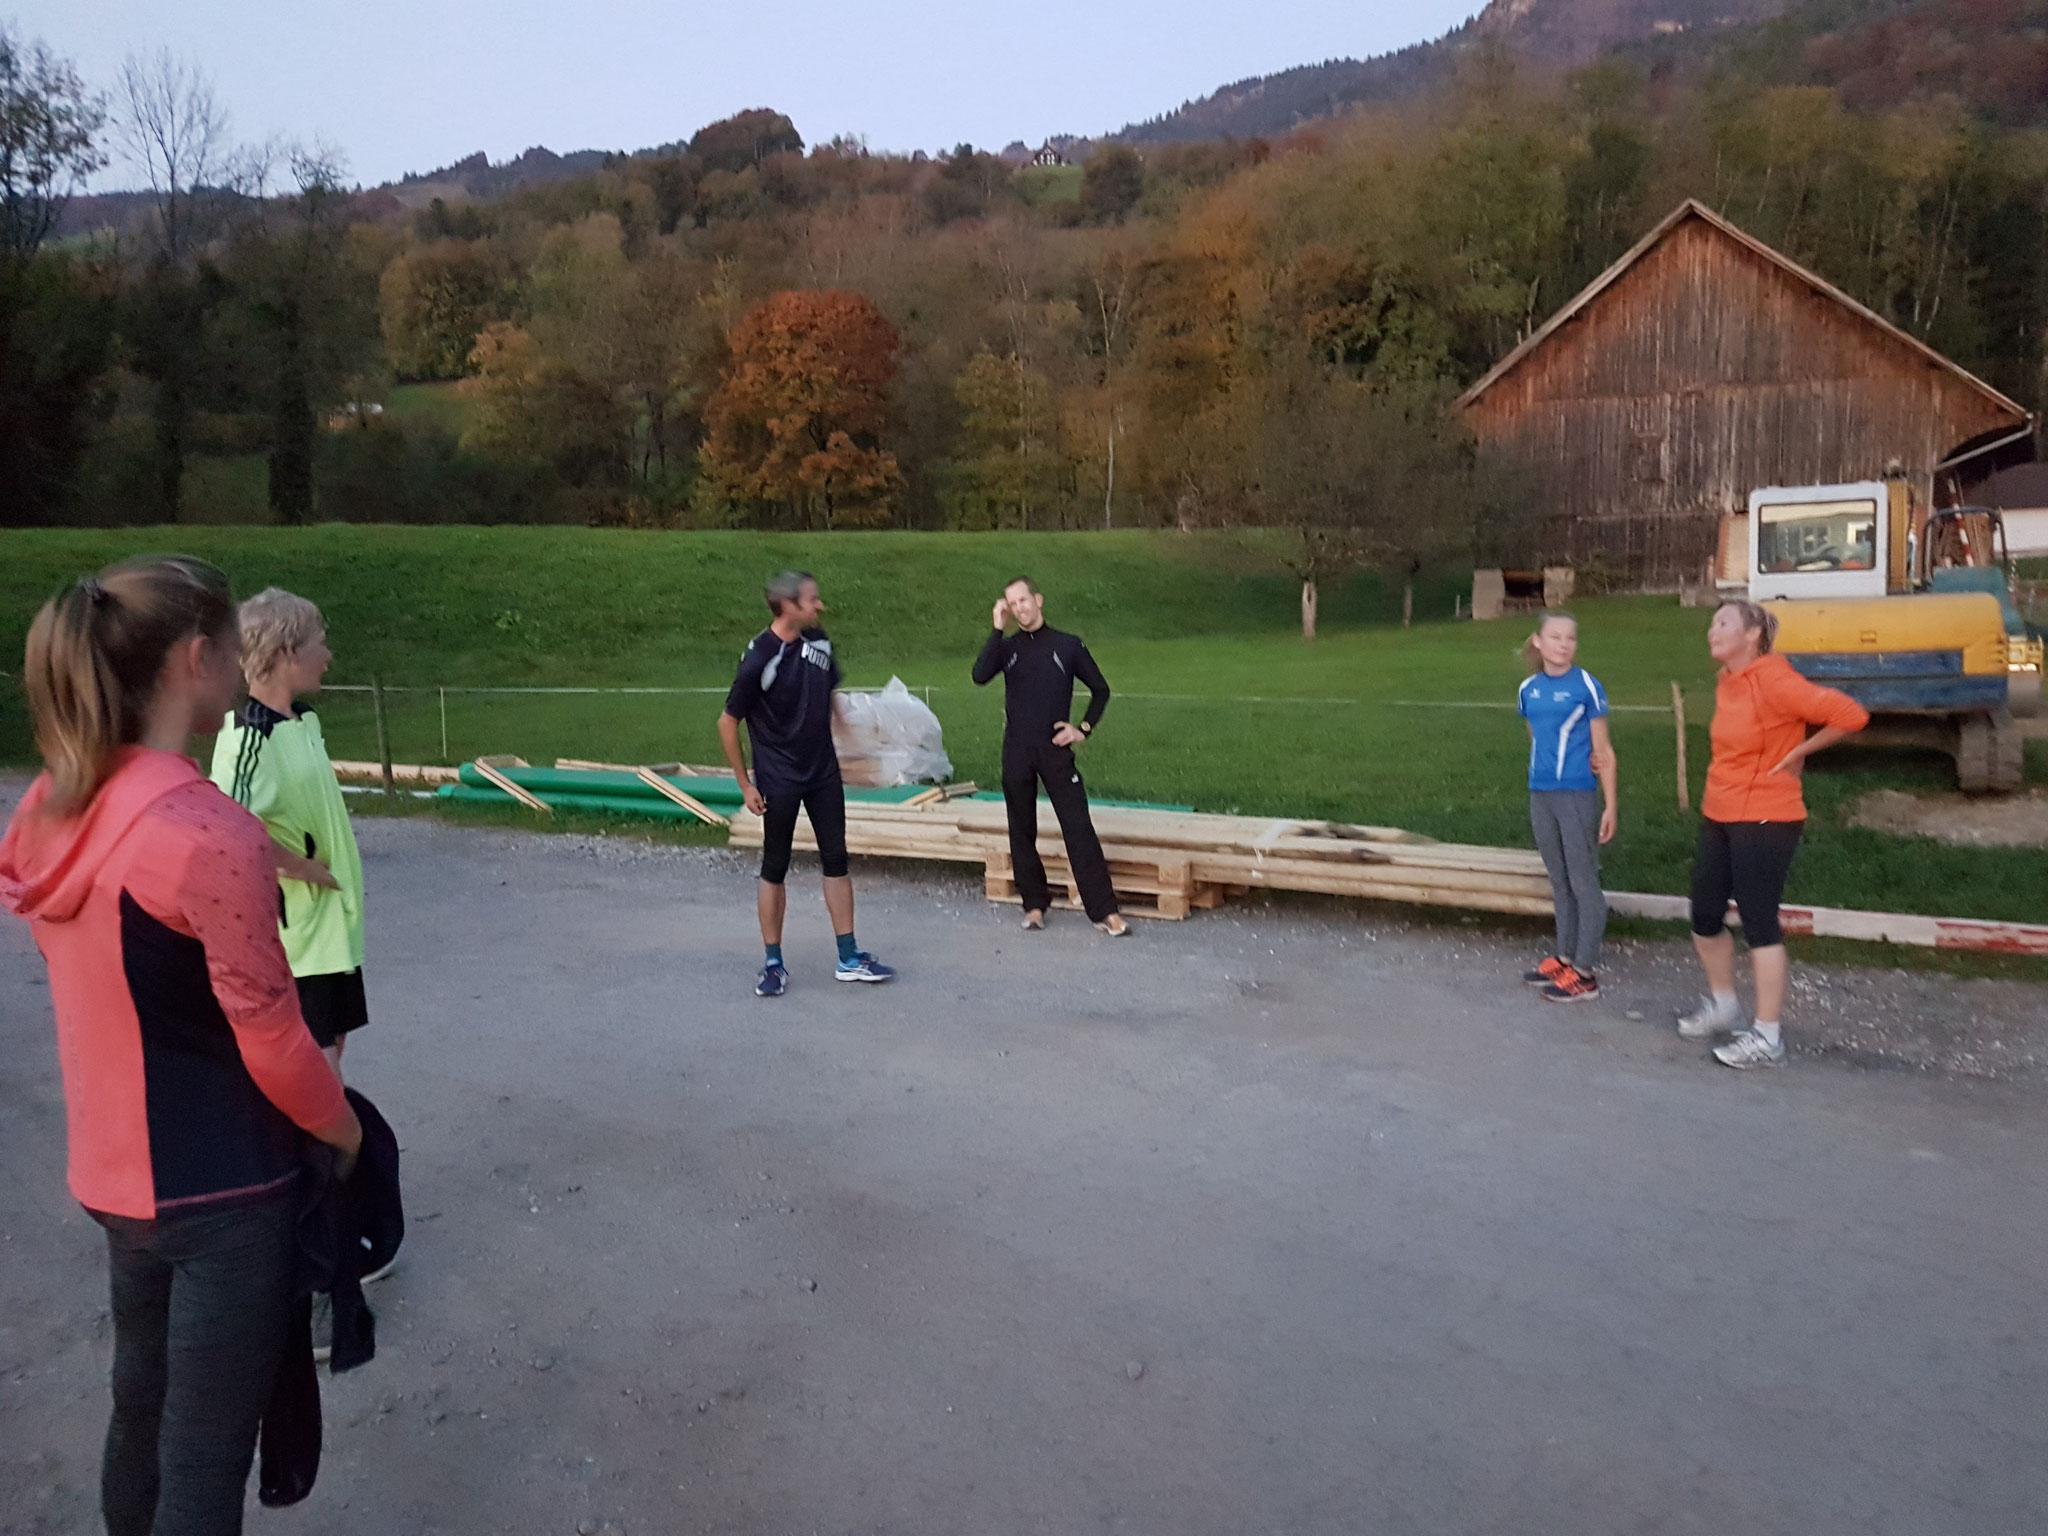 Nach dem Clubrennen haben wir uns jede Woche getroffen um zu trainieren